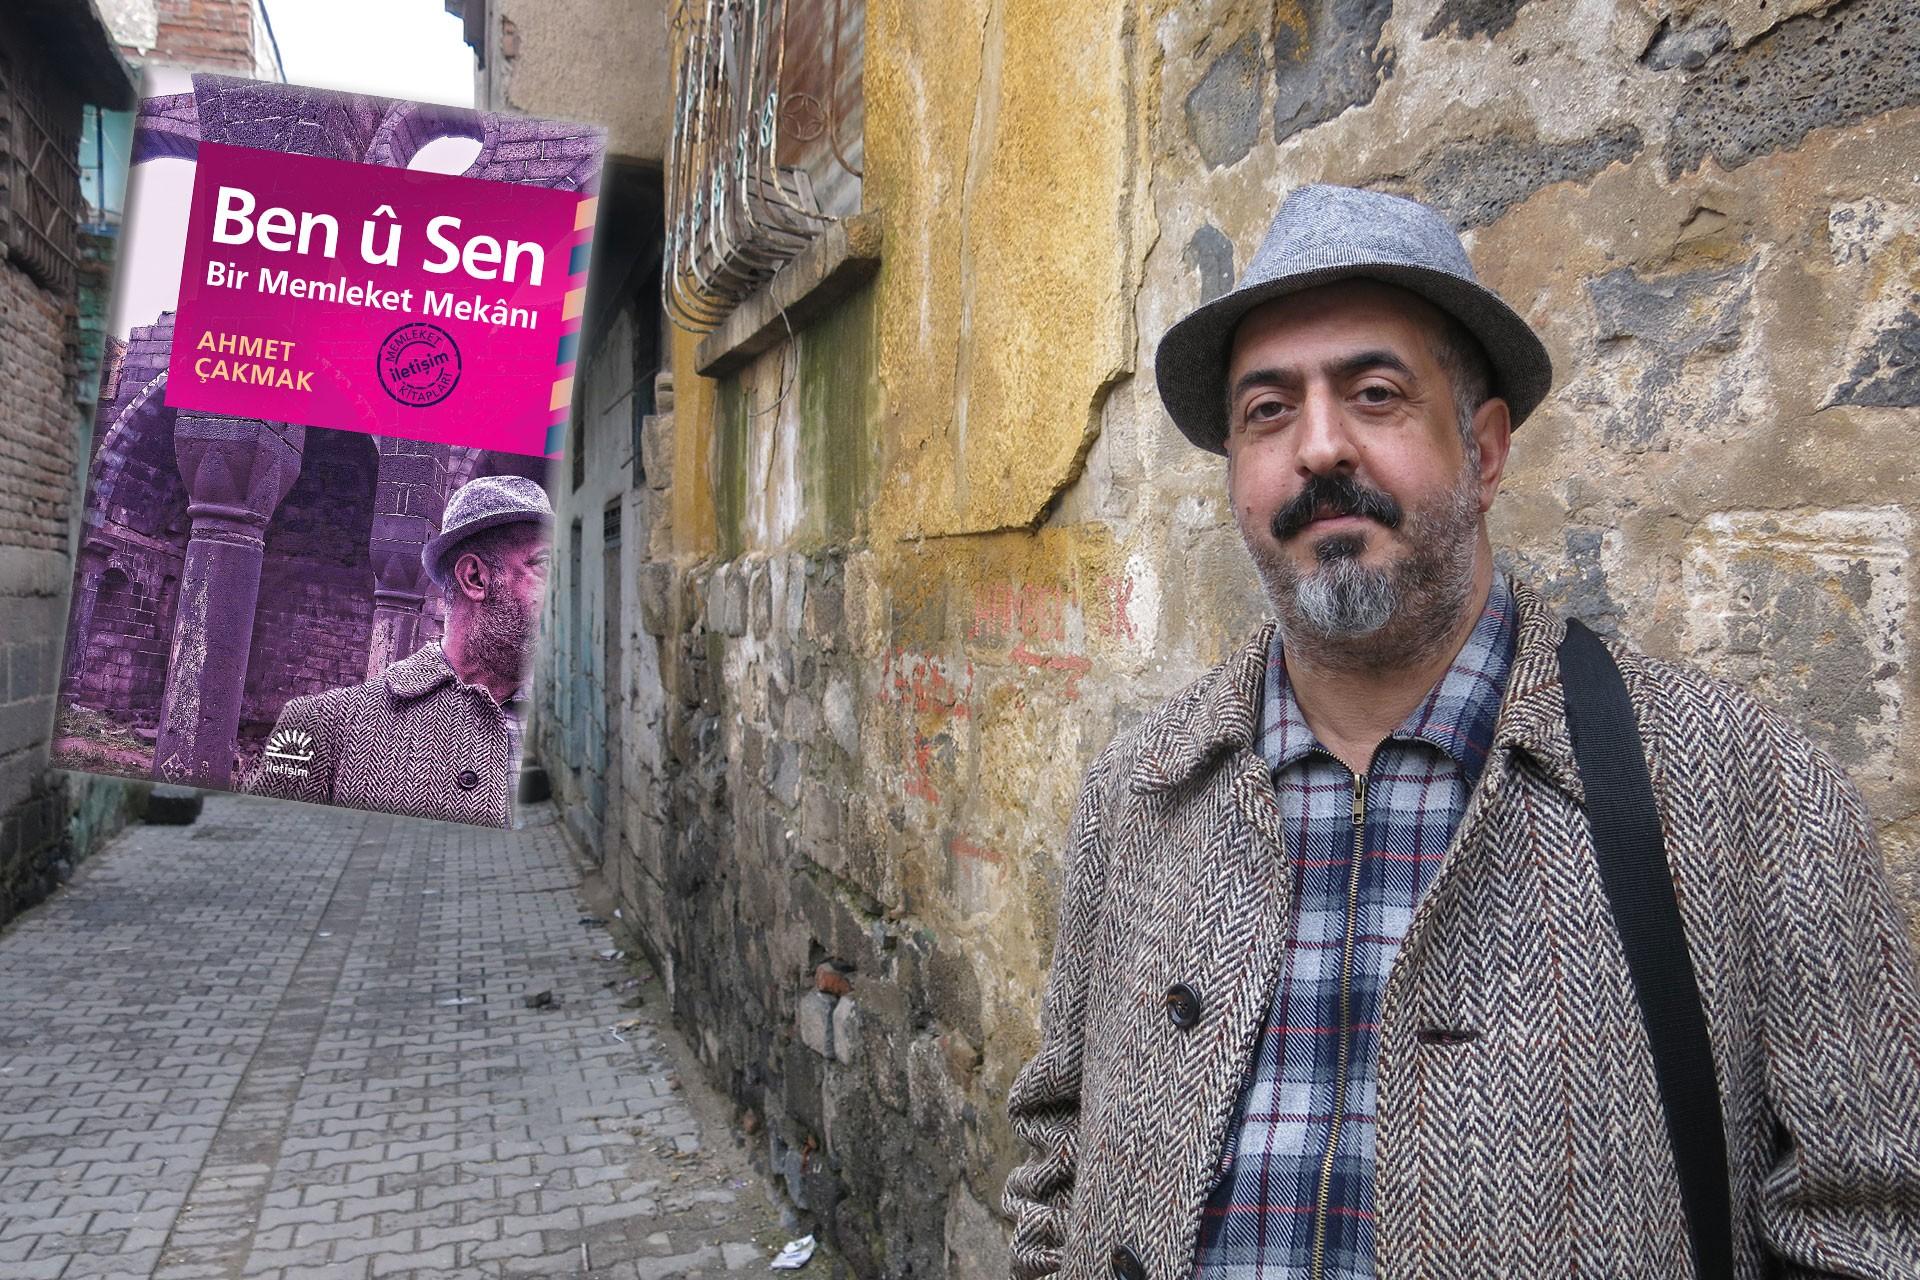 Ahmet Çakmak: Mekanda gözlenen değişim, toplumsal değişimin de ifadesidir